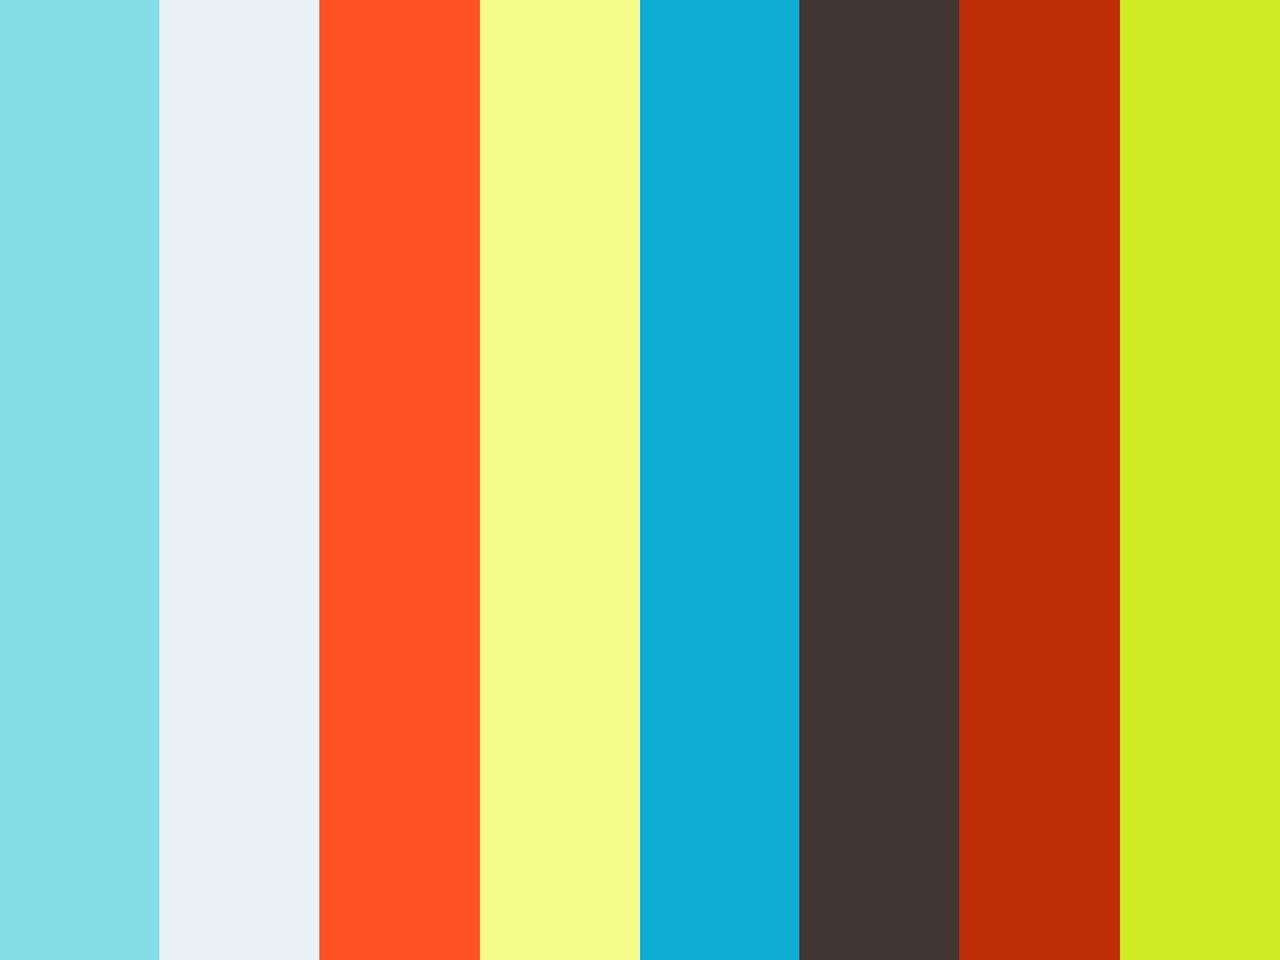 Réalisation d'identité visuelle vidéo corporate pour une agence marketing au Luxembourg